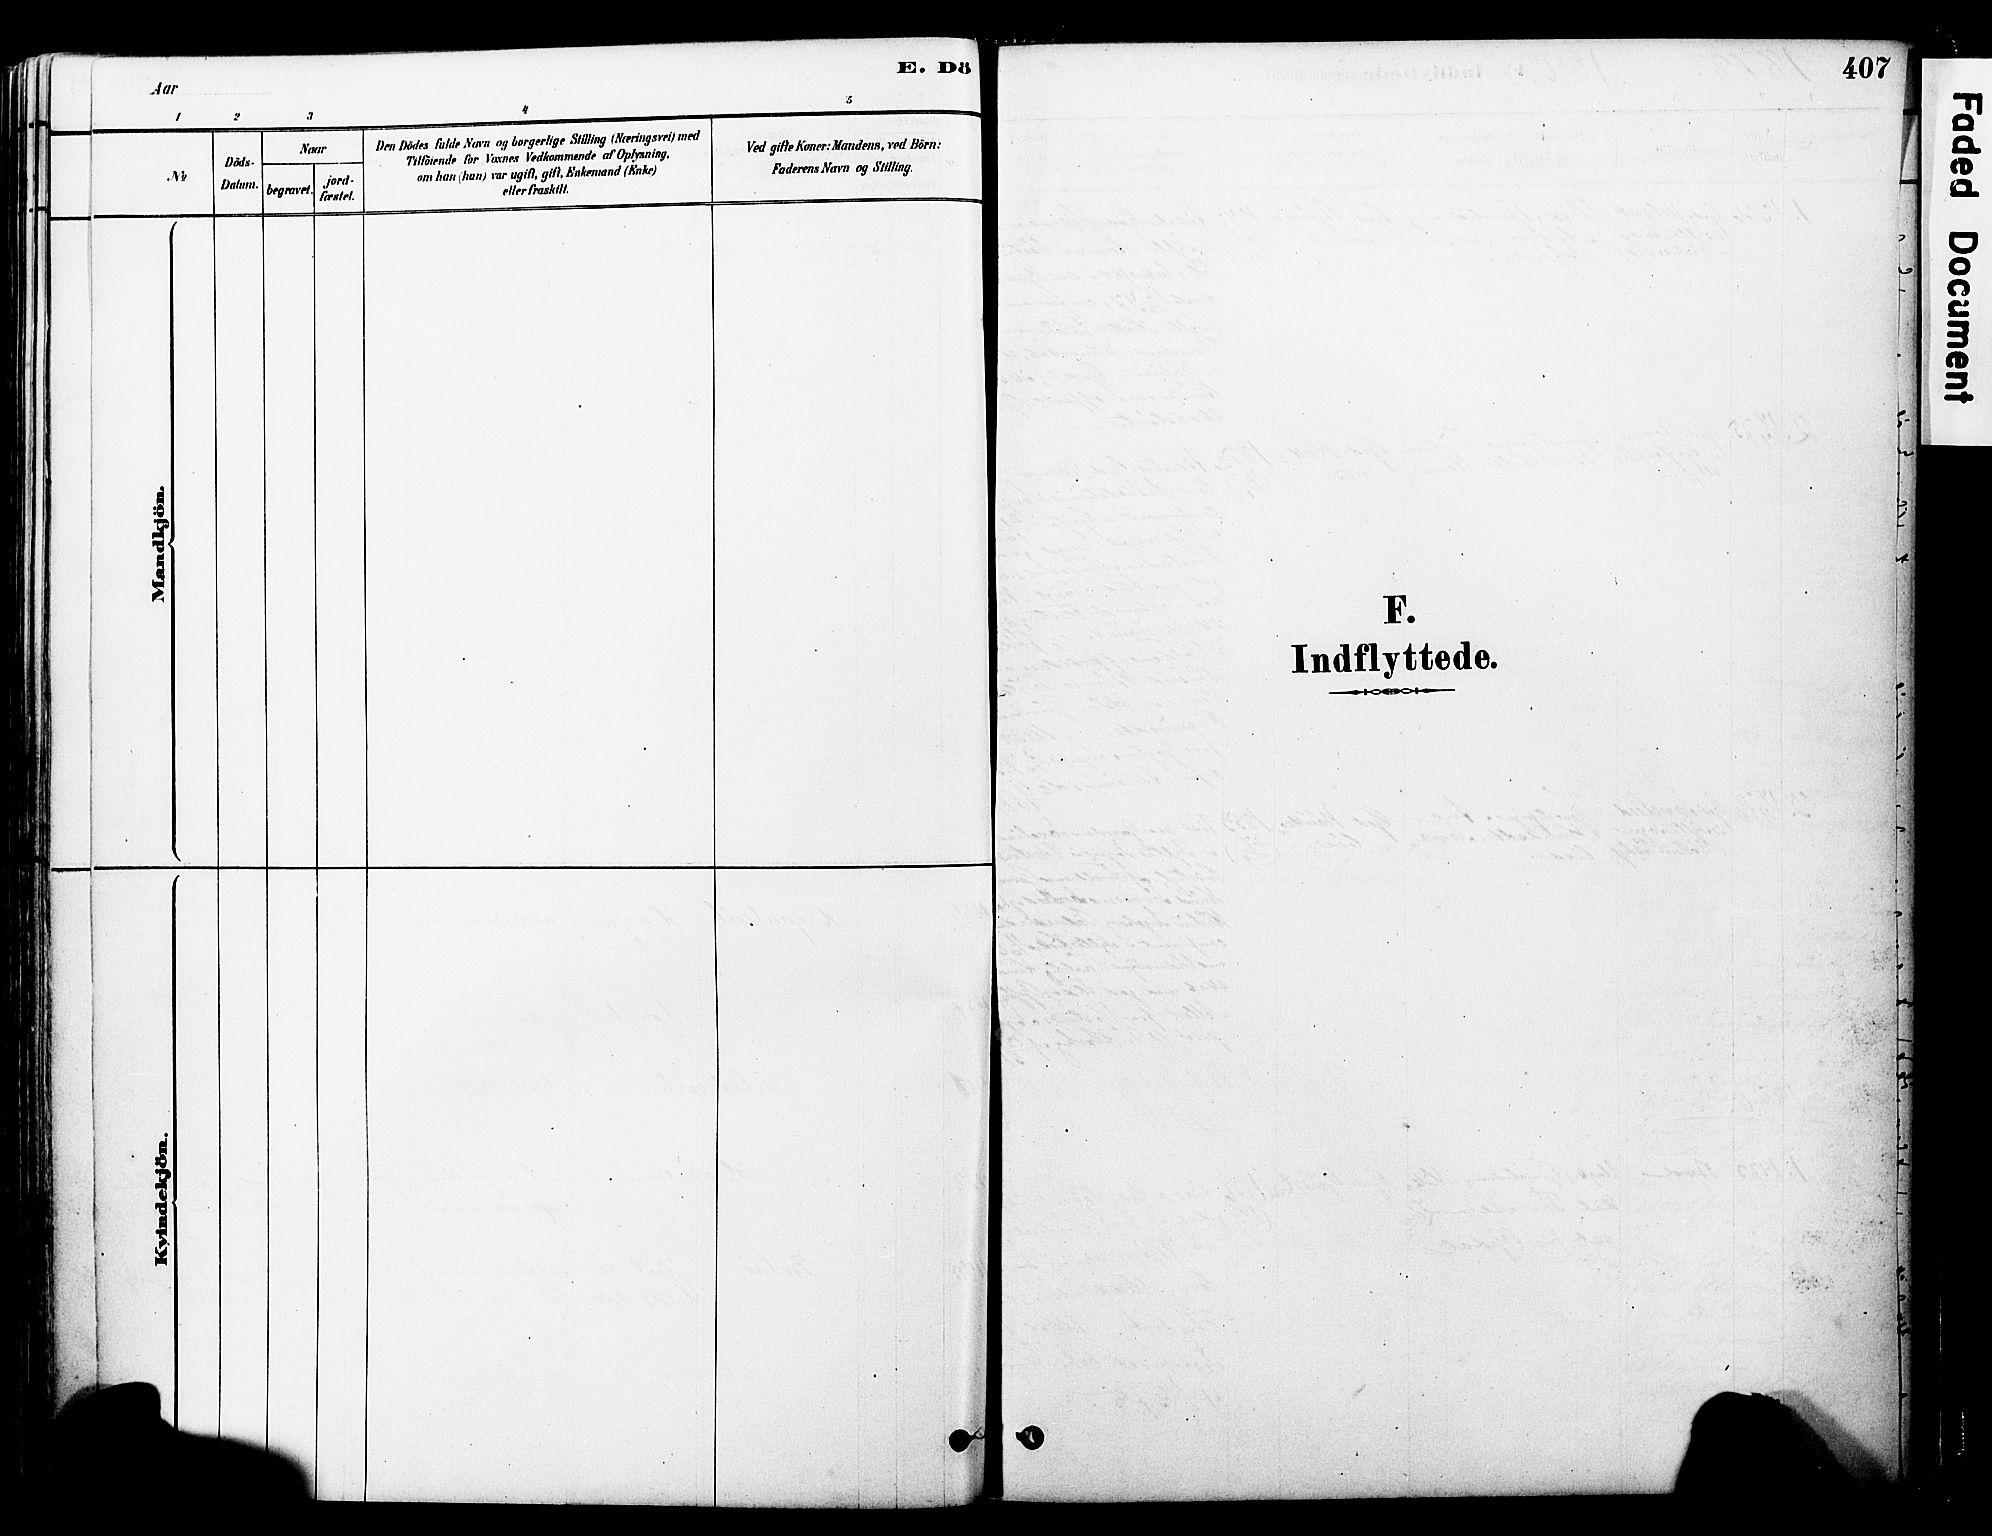 SAT, Ministerialprotokoller, klokkerbøker og fødselsregistre - Møre og Romsdal, 560/L0721: Ministerialbok nr. 560A05, 1878-1917, s. 407